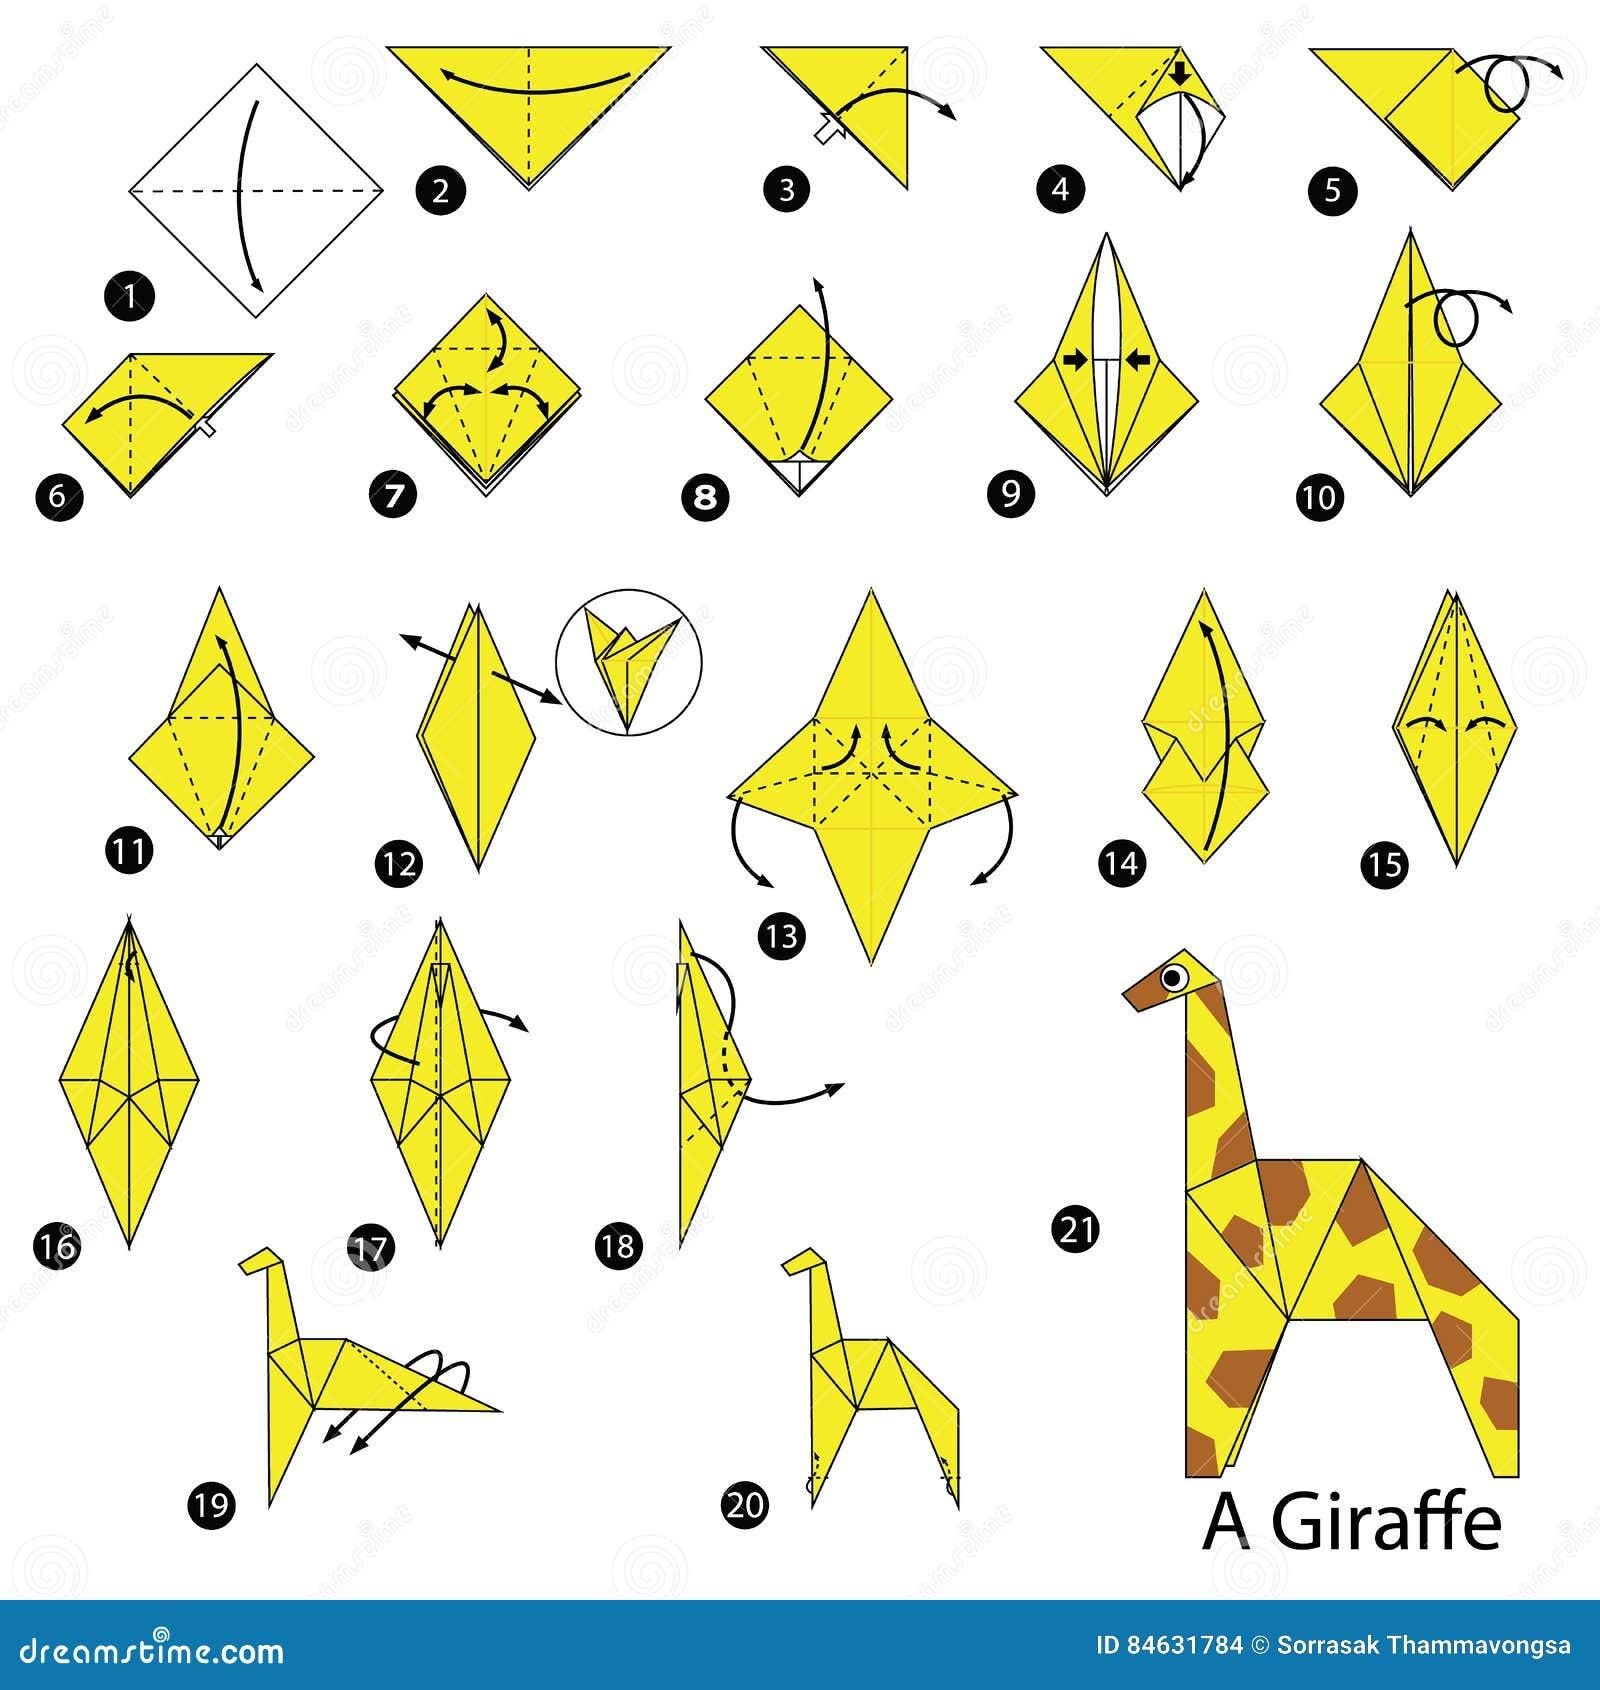 Steg-för-steg Anvisningar Hur Man Gör Origami En Giraff ... - photo#33